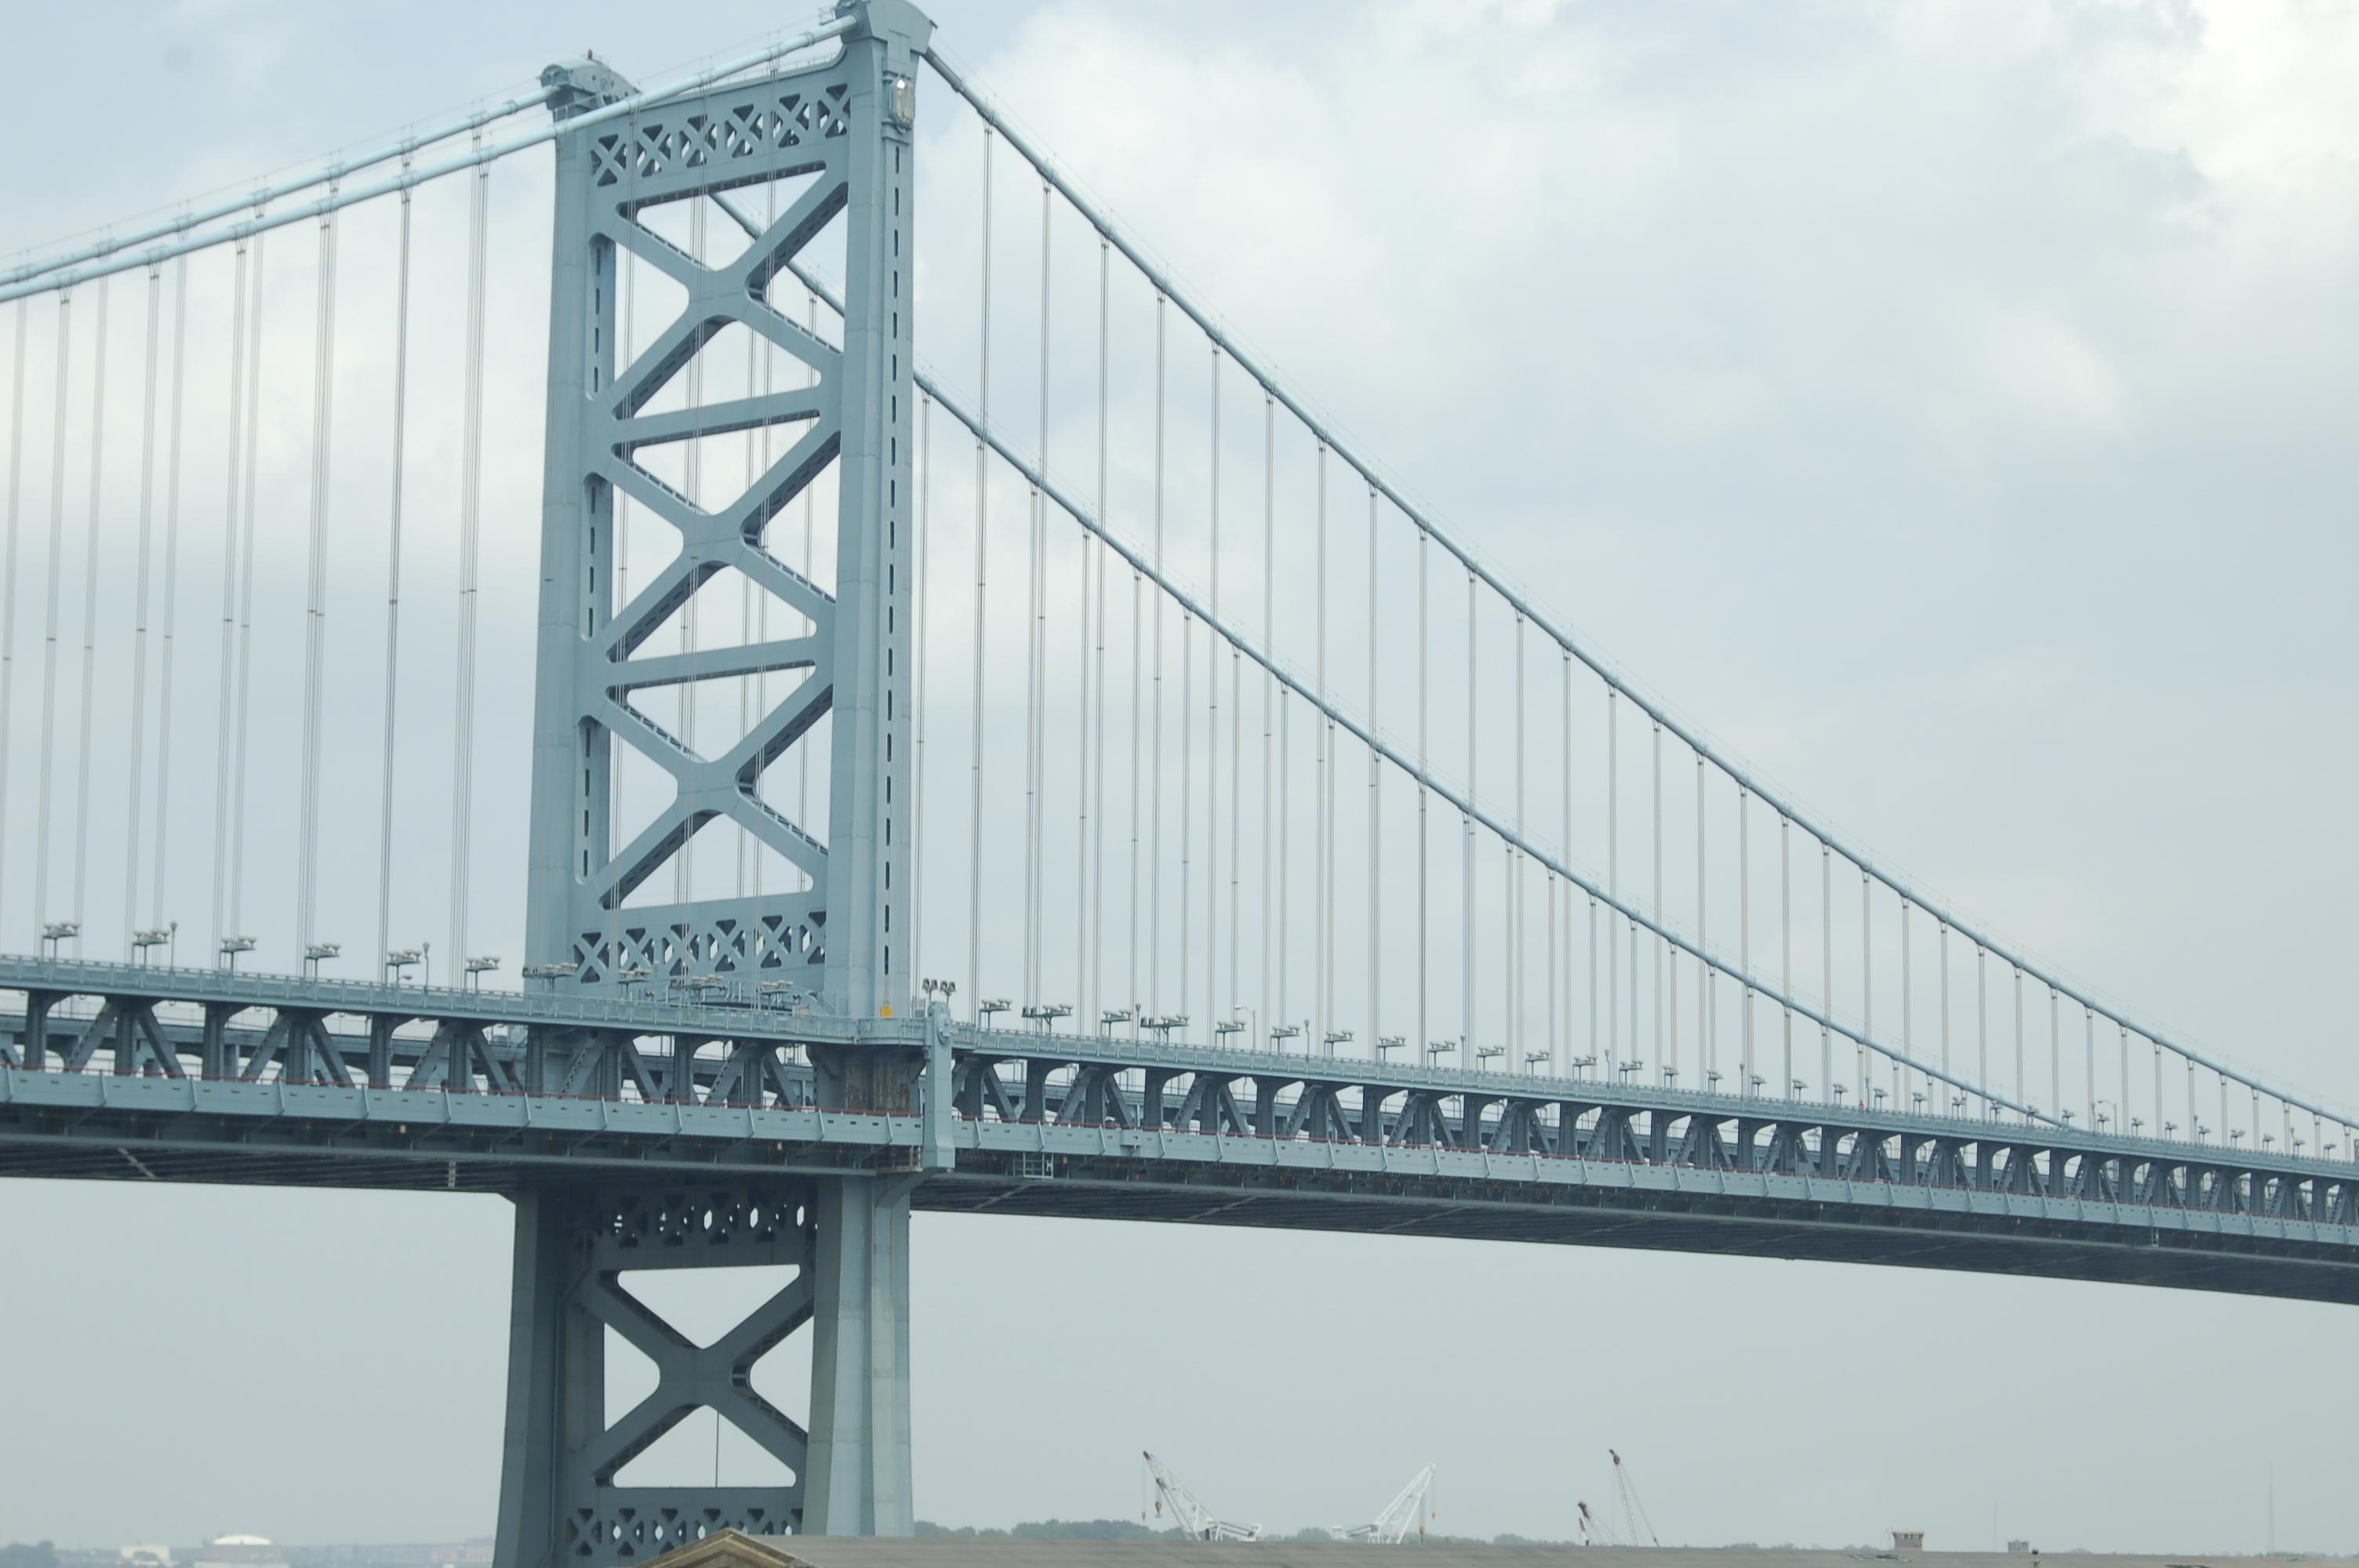 Bridge, Cables, Construction, Steel, Structure, HQ Photo